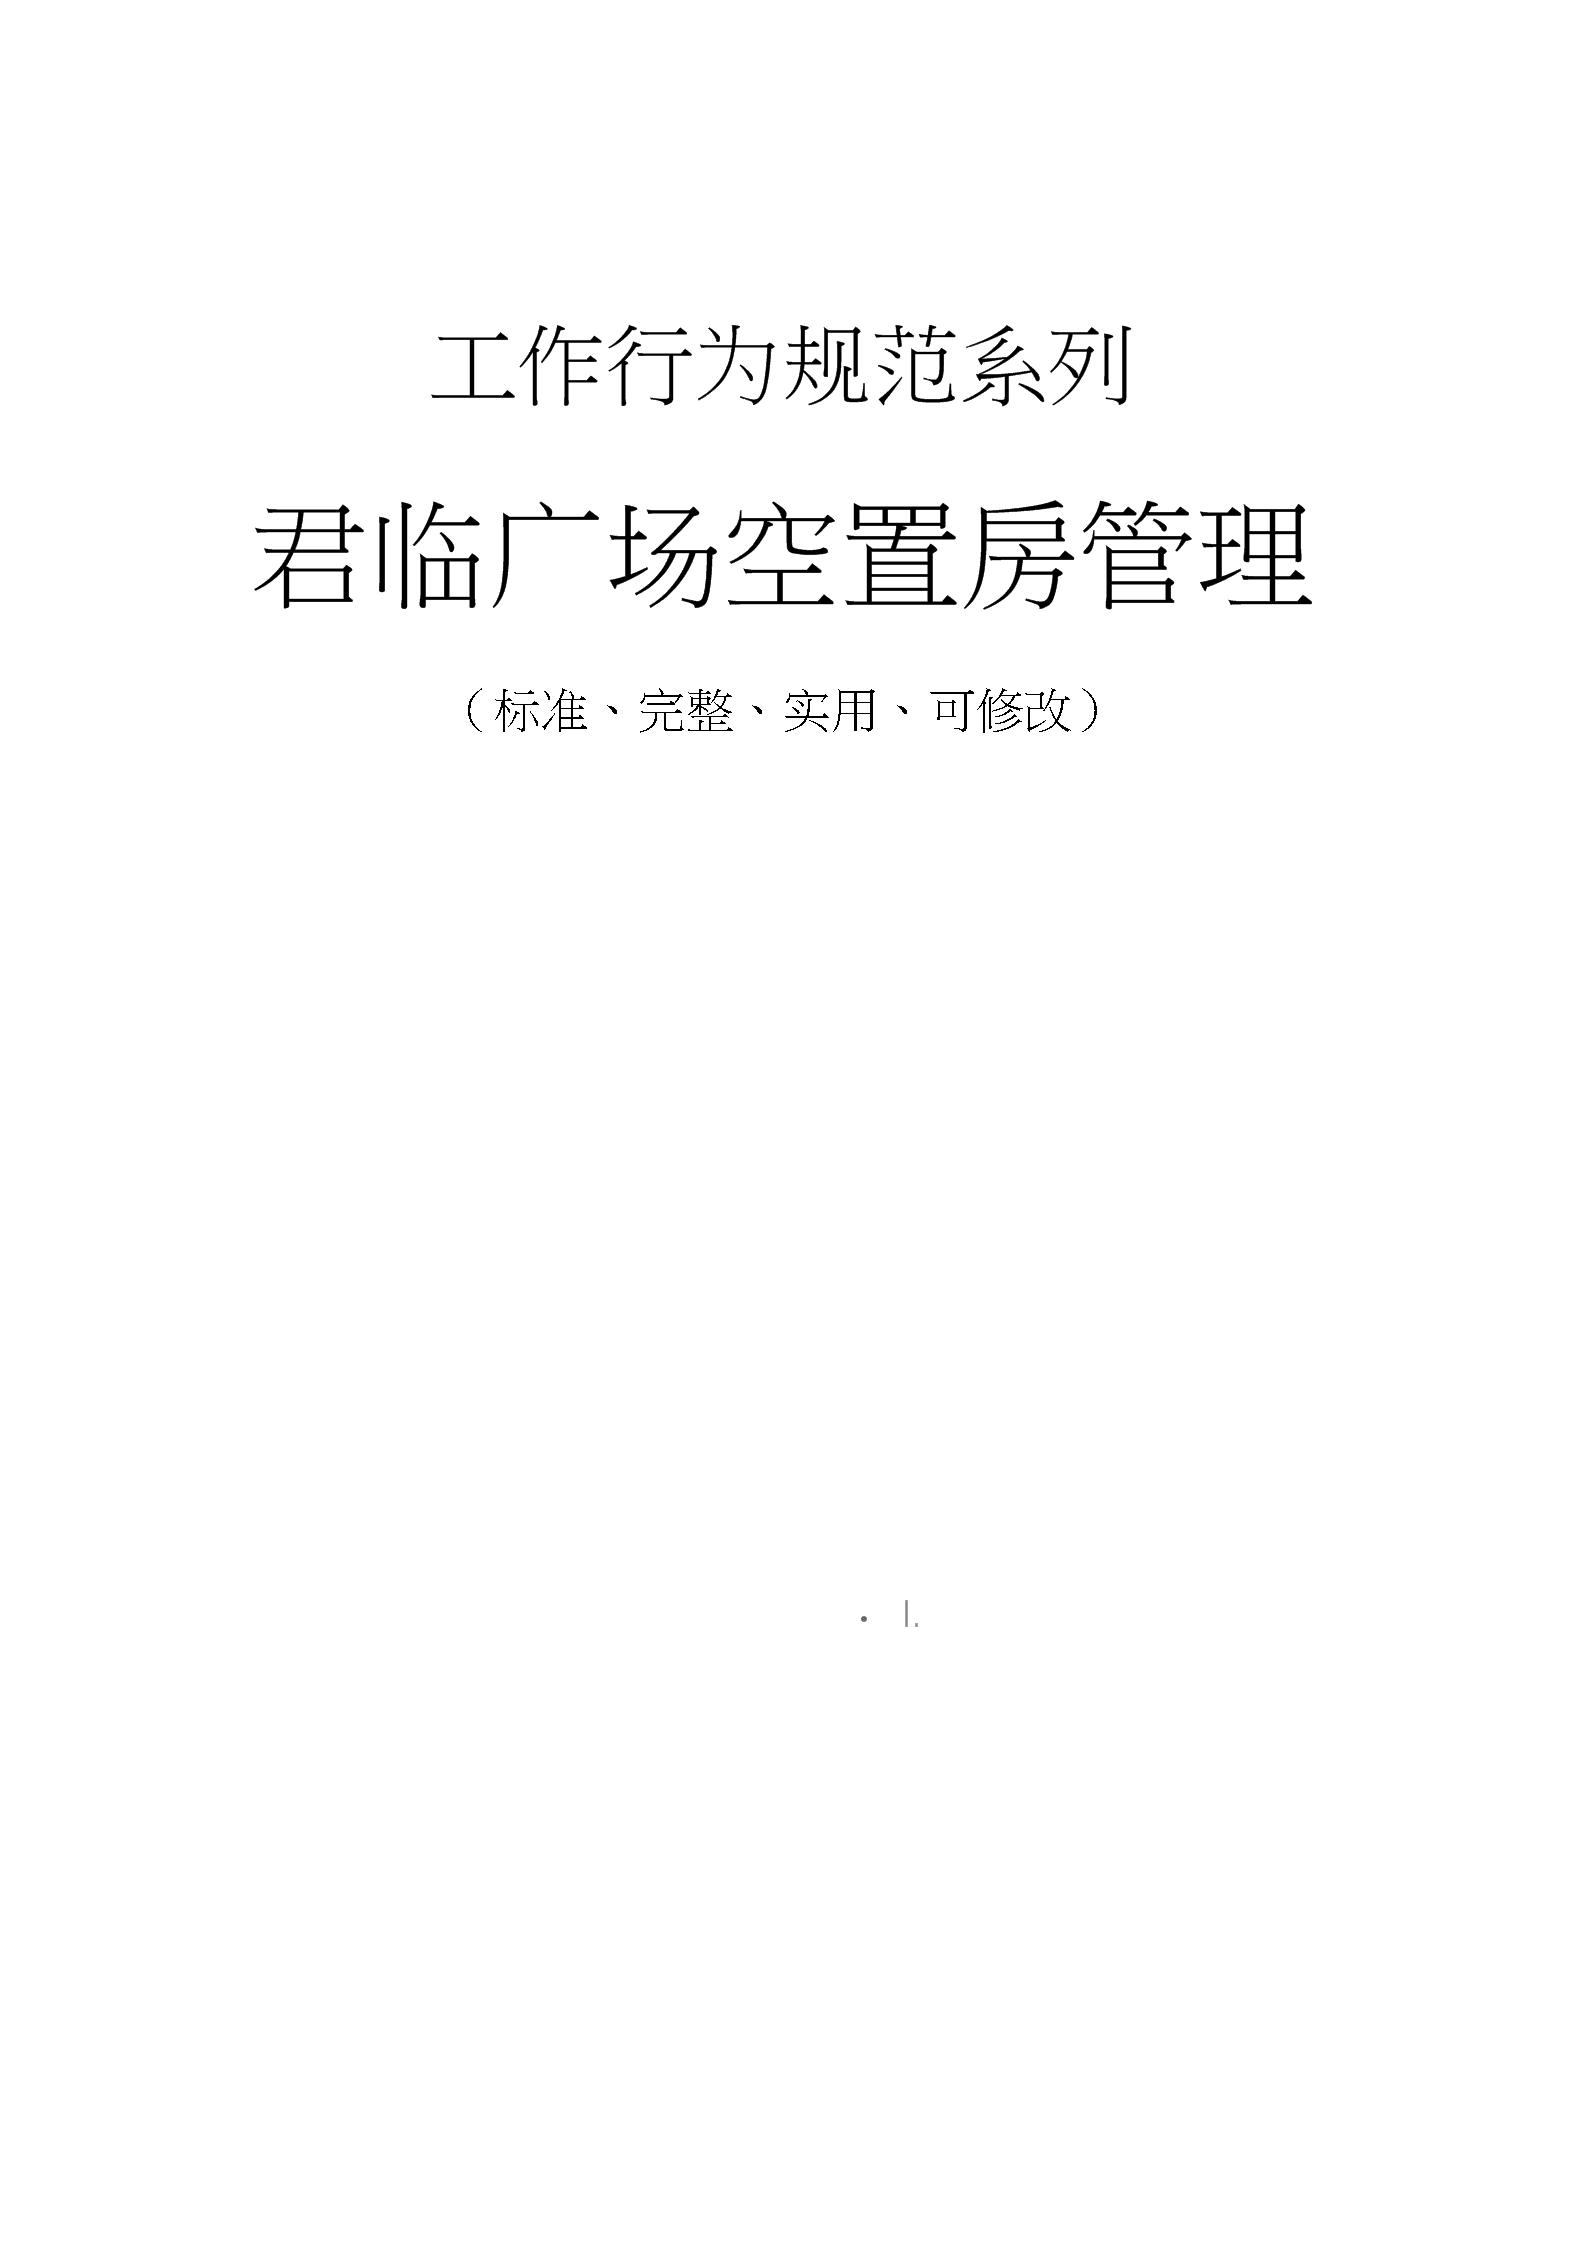 君临广场空置房管理.docx